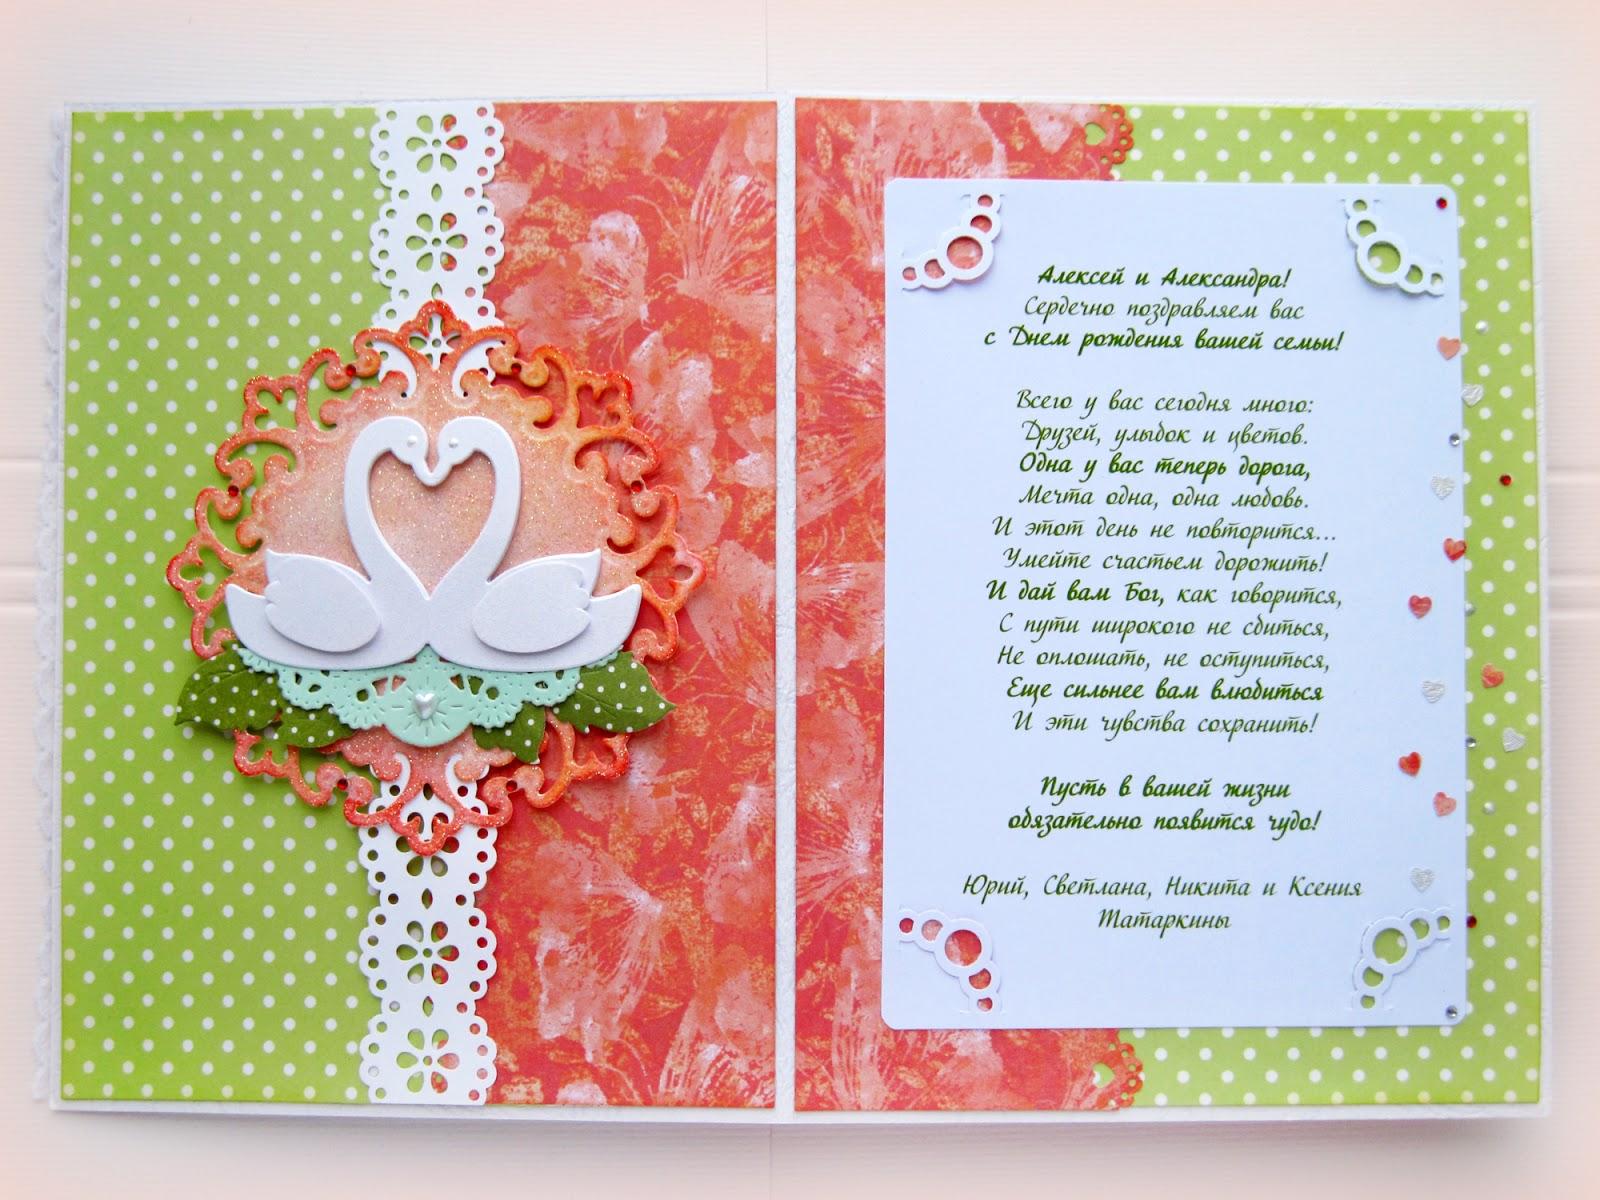 Большое поздравление на свадьбу